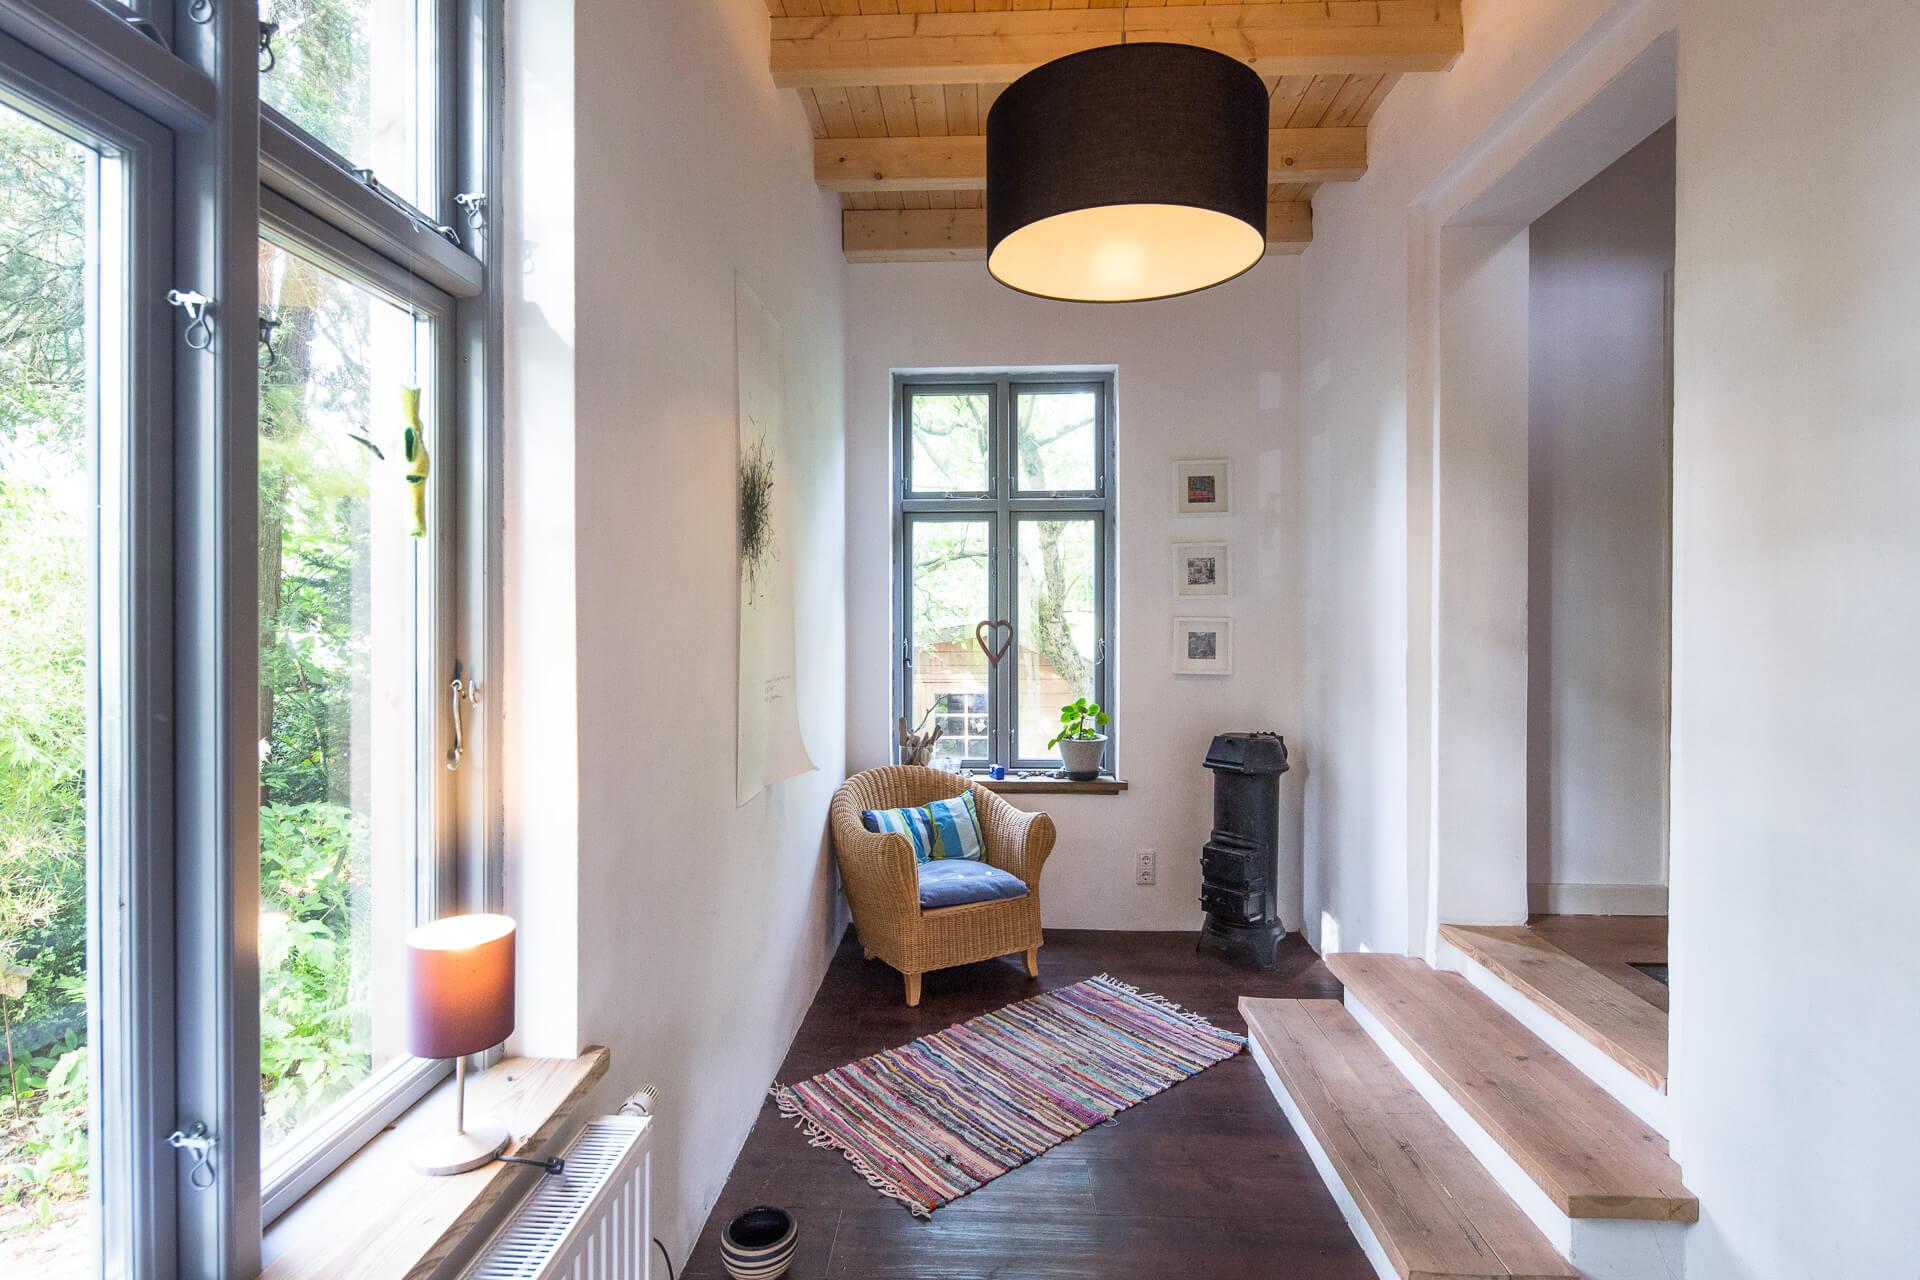 Foto Ryan Baugestaltung Anbau Volksdorf Innenansicht zeigt Flur mit Sessel und Holzboden